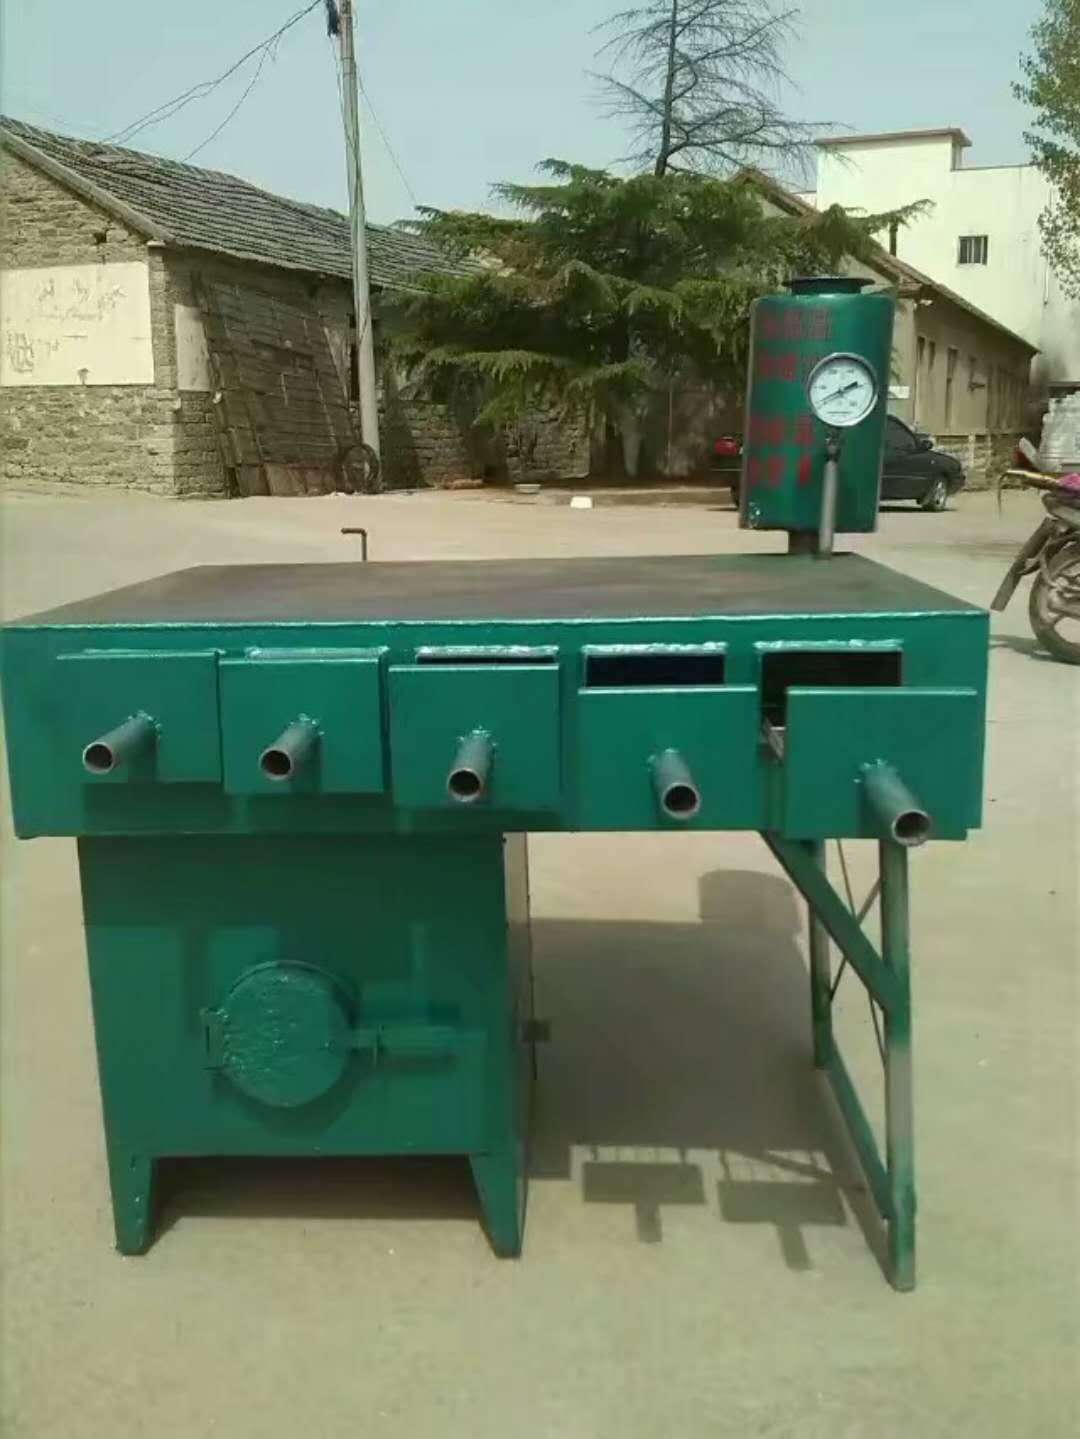 导热油锅饼炉厂家就找蒙阴县旧寨乡津源节能炉具-方形火烧煎饼烤饼炉厂家